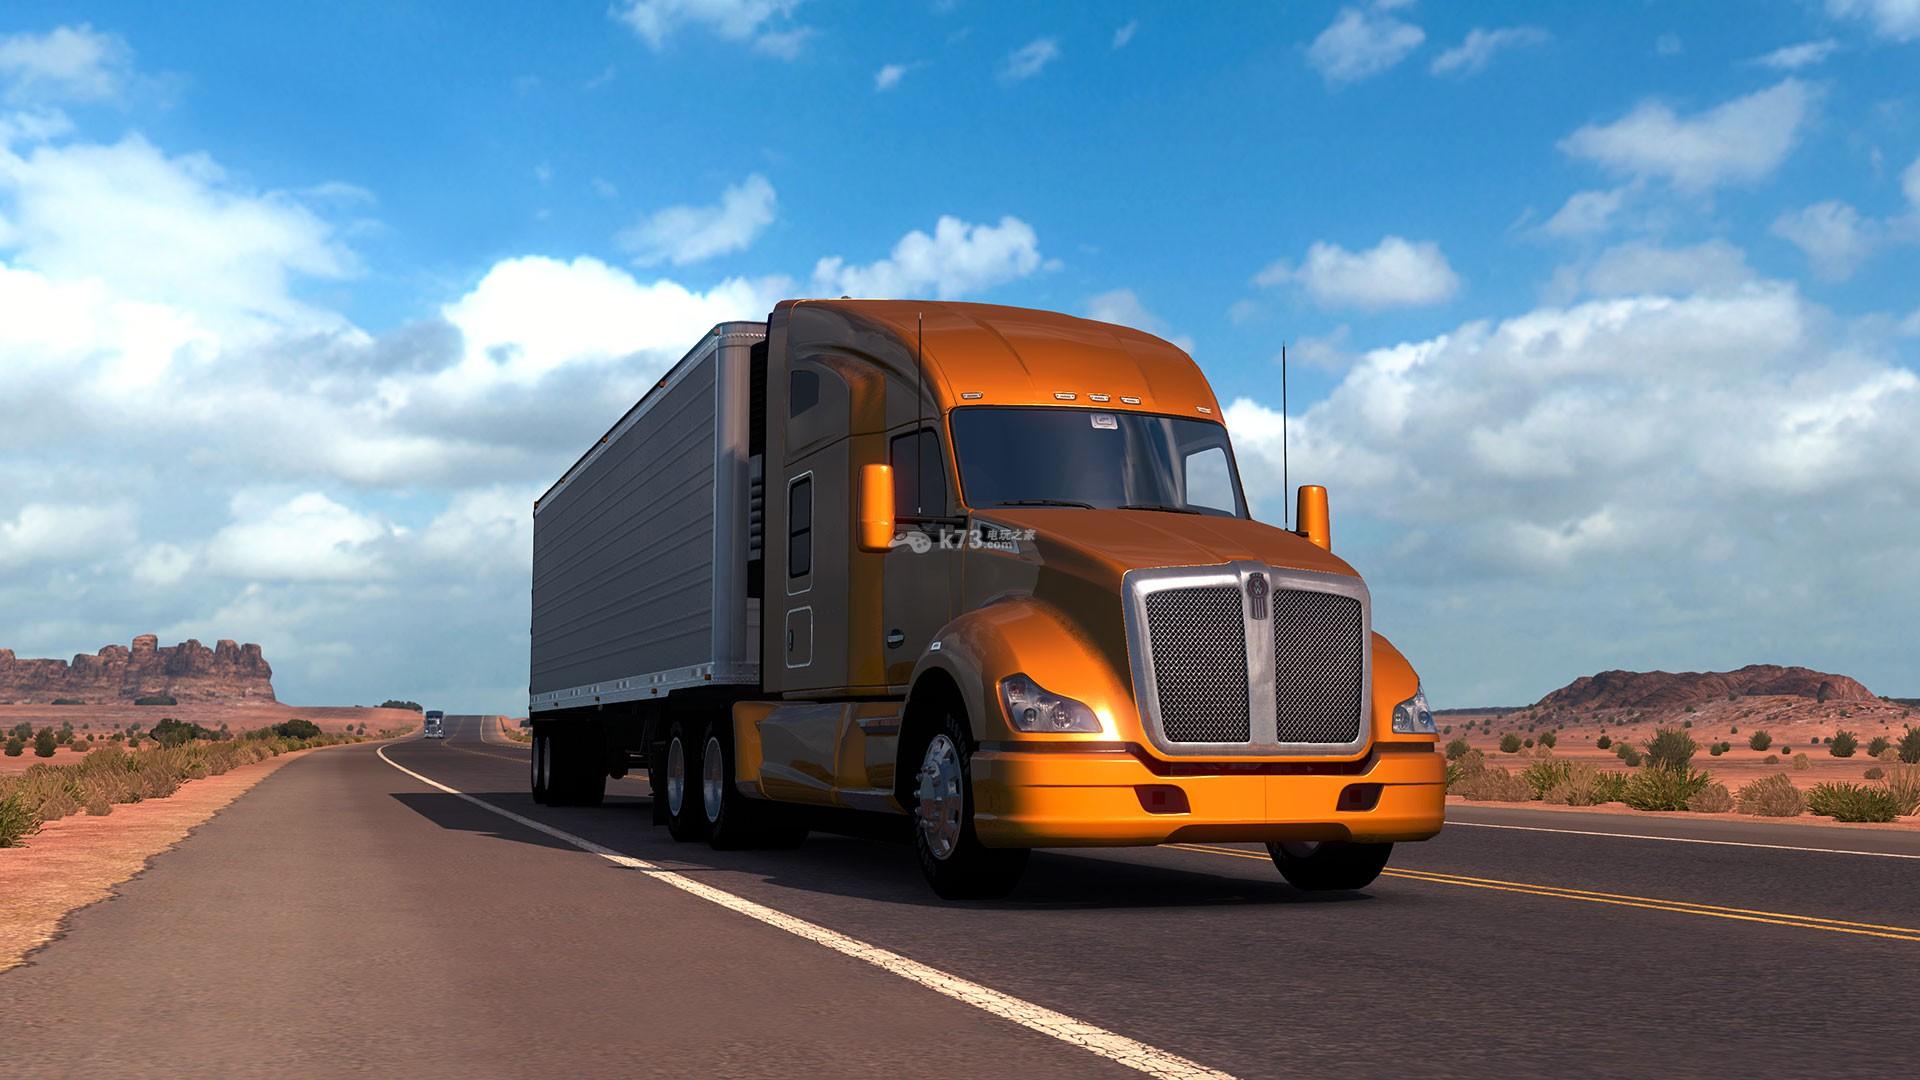 《美国卡车模拟》是一款SCS Software打造推出的体验最具传奇色彩的美国卡车在美国进行输送各种货物的模拟游戏,本作中玩家在卡车行驶过程中沿途的各种美丽风景以及美国当地标志性建筑。游戏收录了全世界各种的卡车车型,玩家还可以通过照片模式对游戏的精彩瞬间进行捕捉。 由于PS4主机尚未完全破解(ps4最新破解动态),本站暂时只提供游戏相关资料。